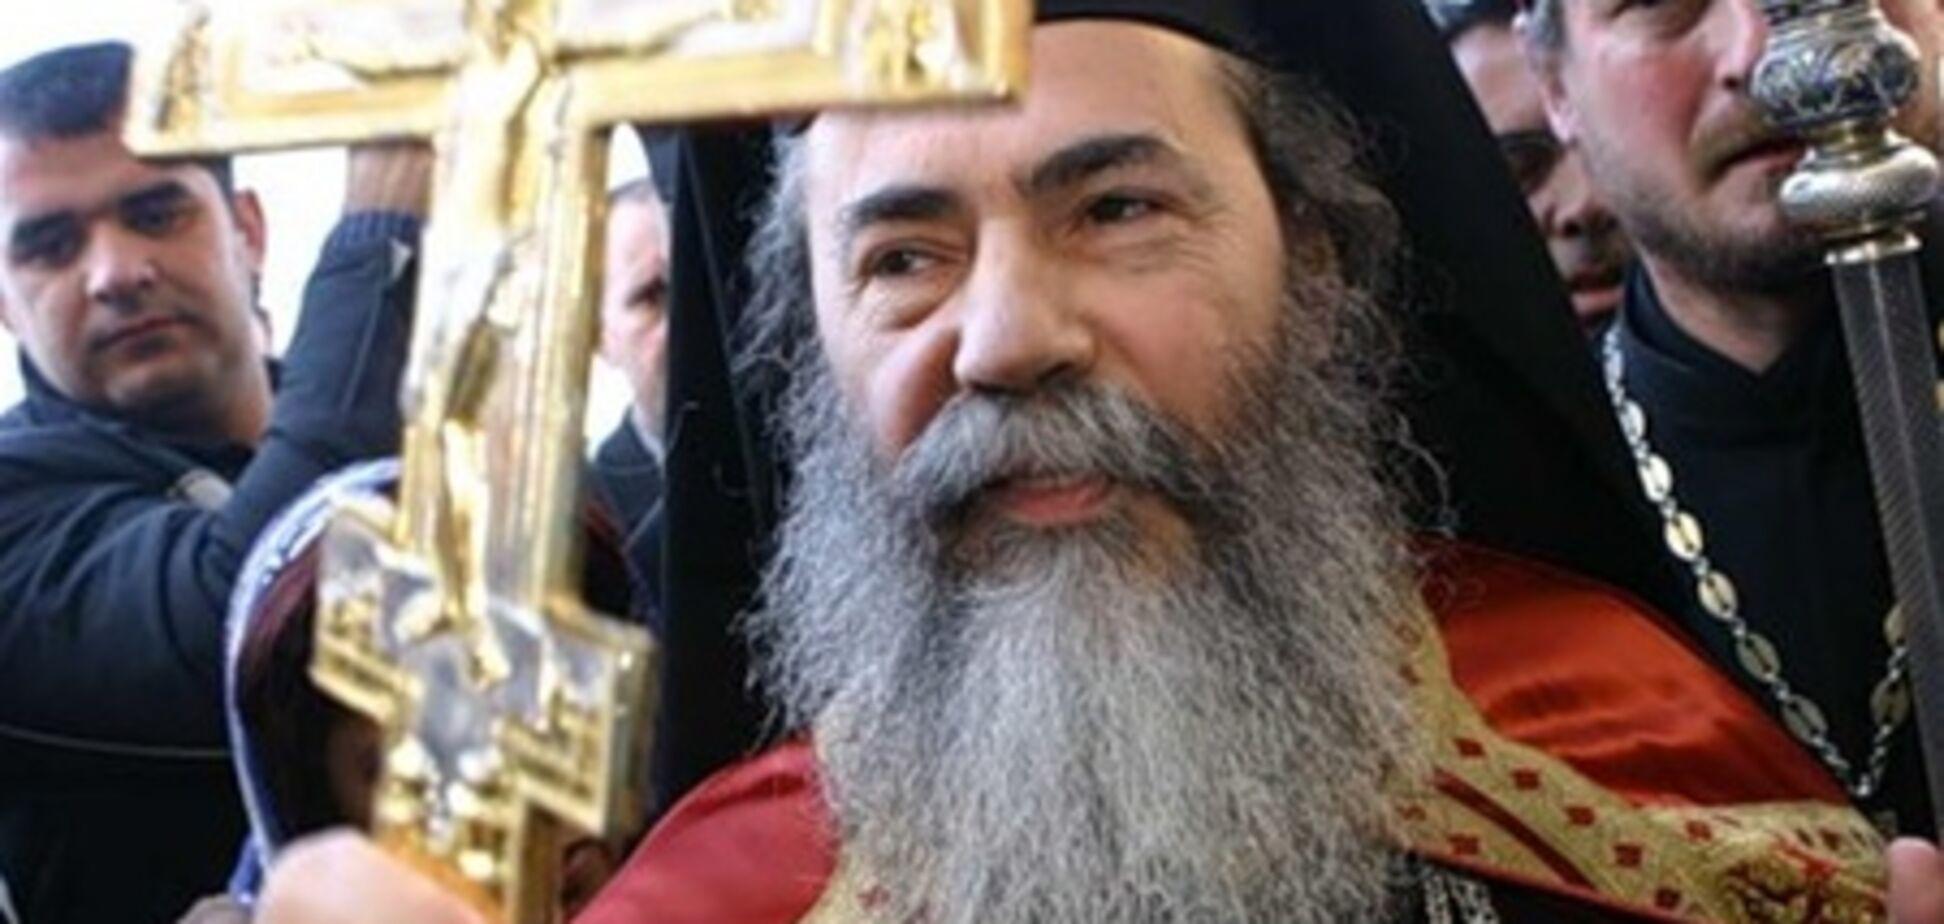 Єрусалимський Патріарх помолився за мир на Близькому Сході